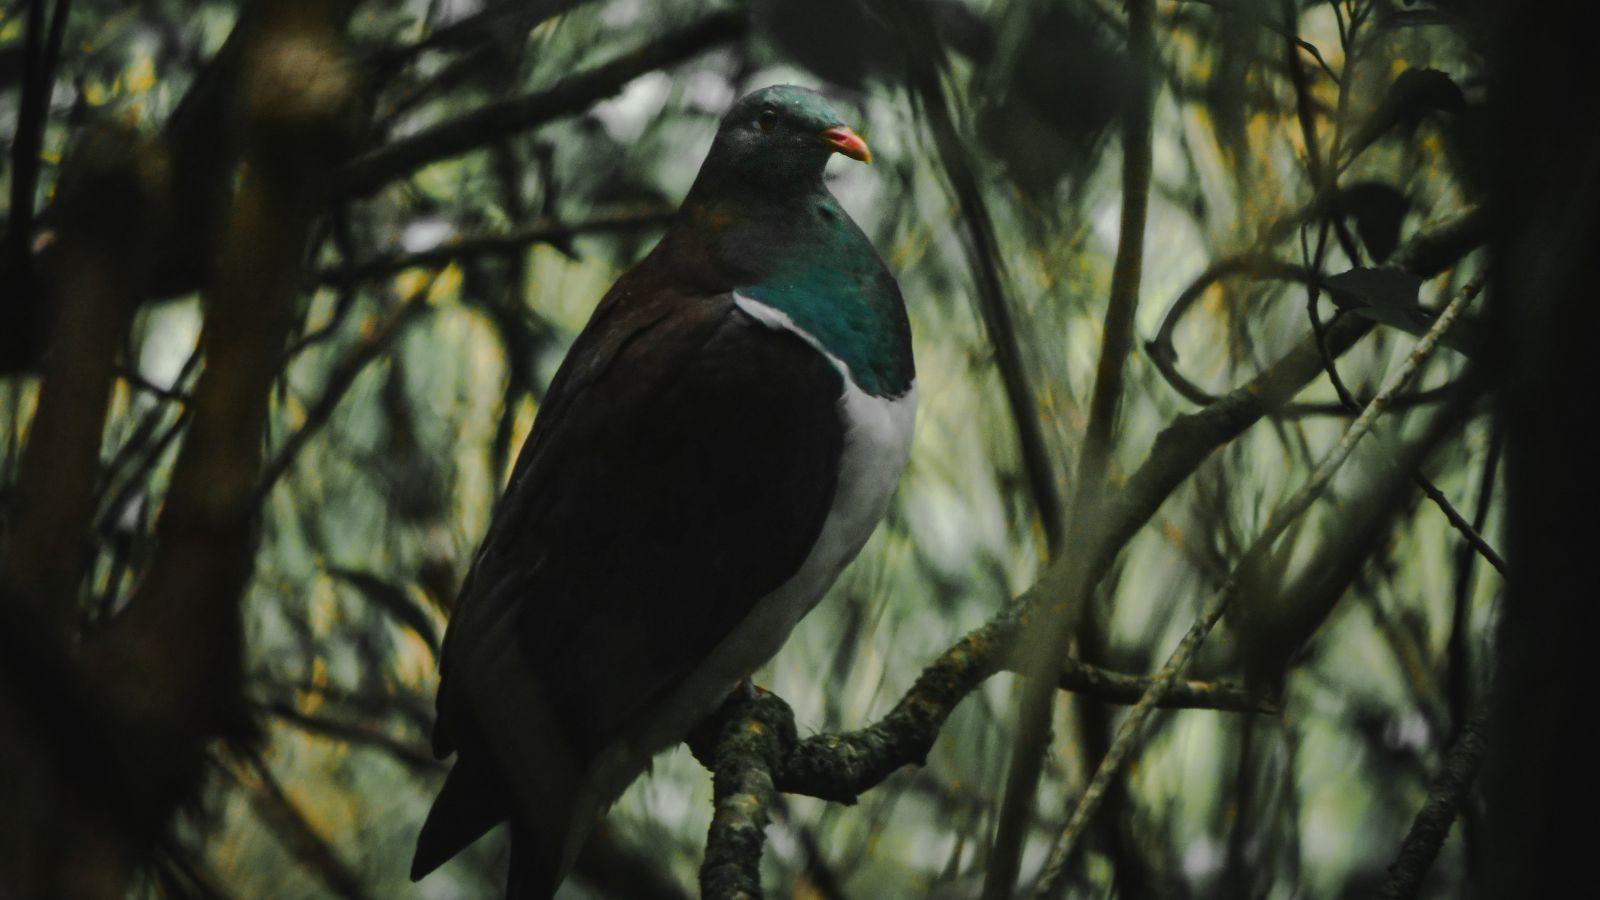 A kereru in the forest